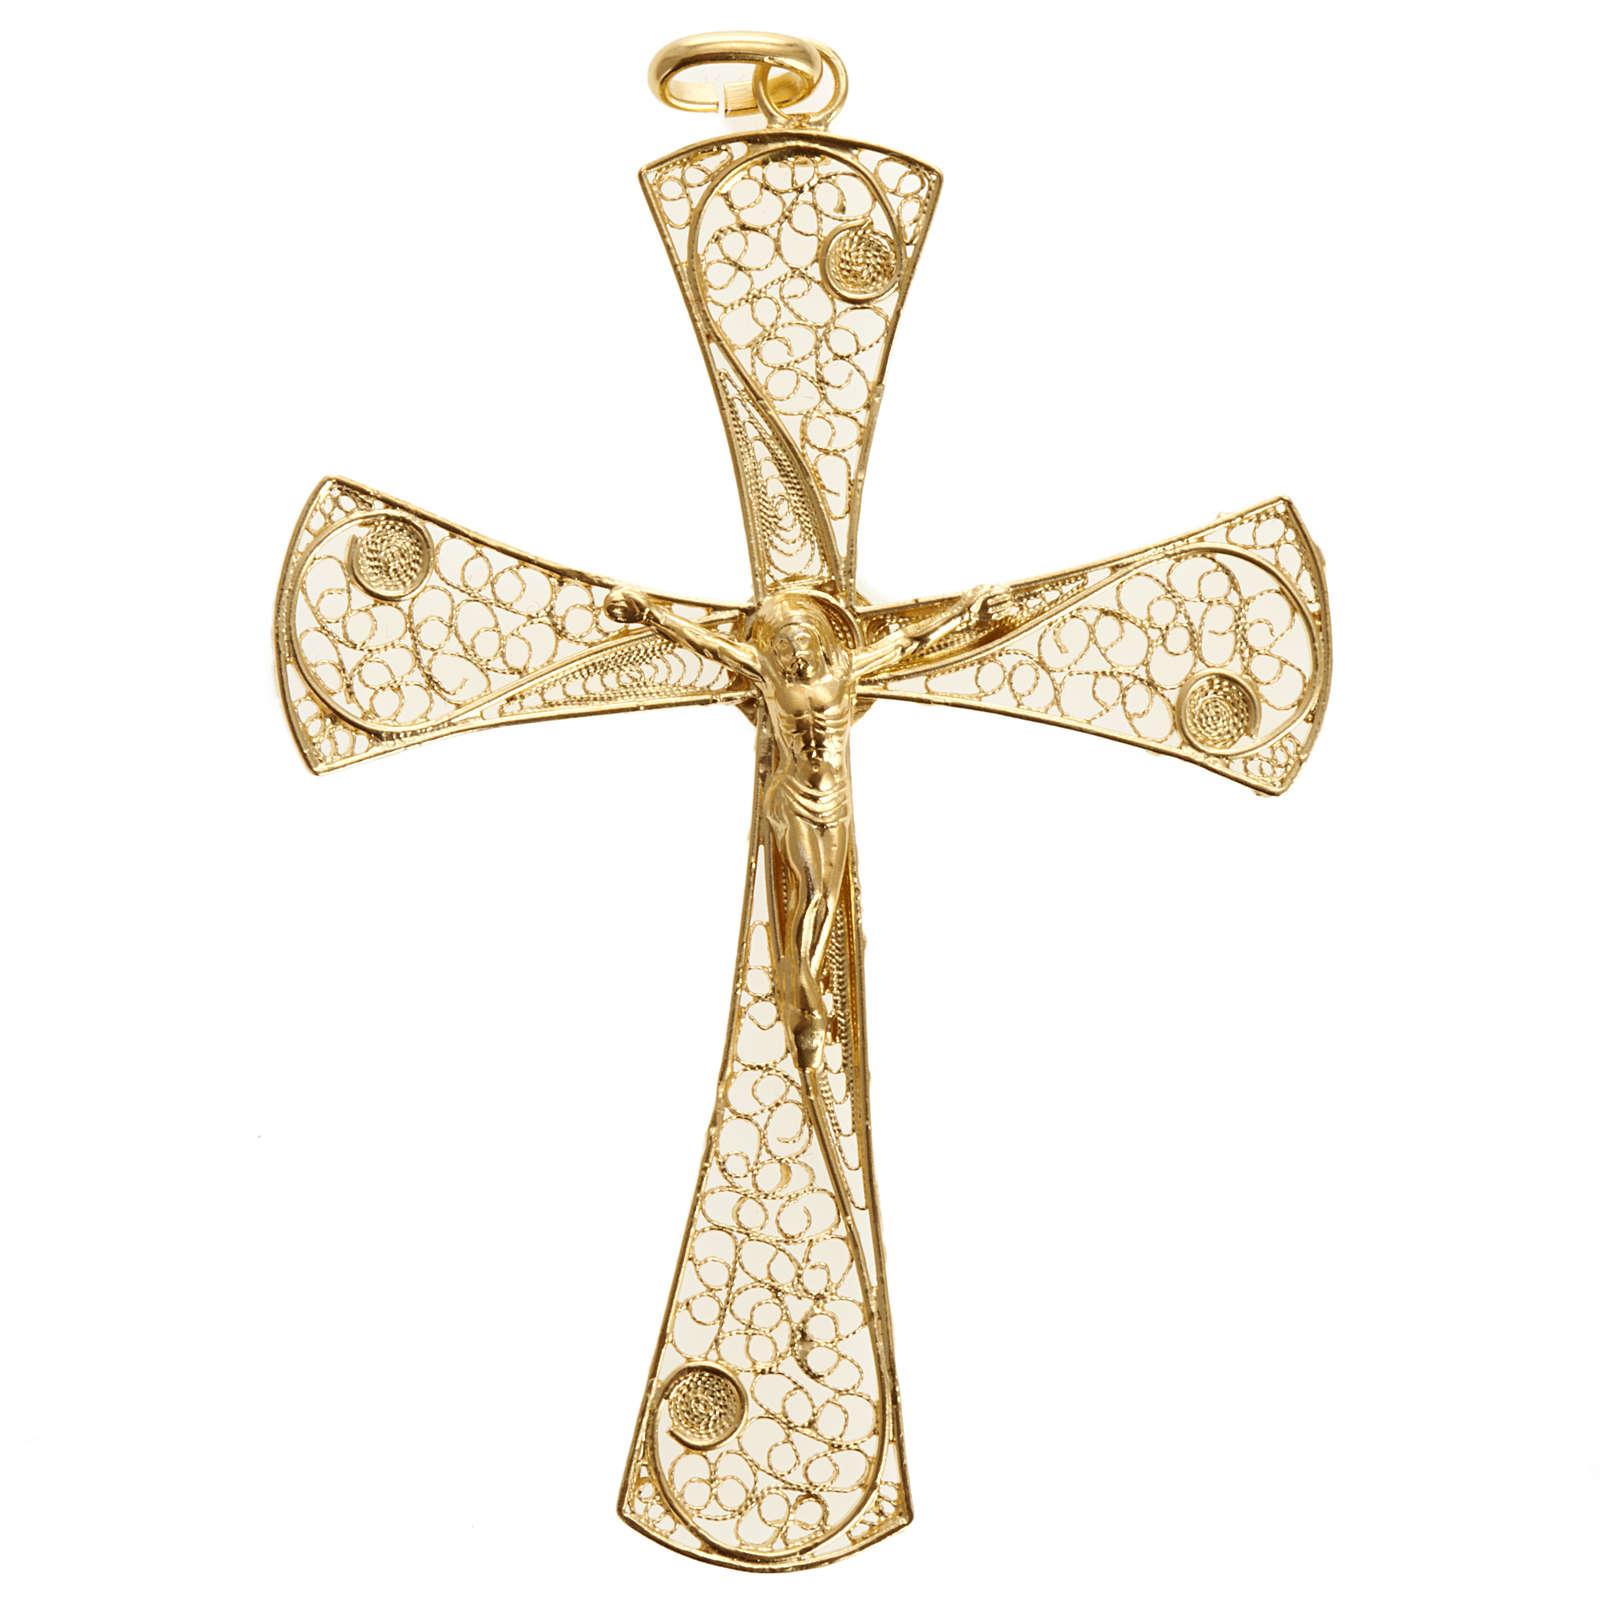 Croix pendentif filigrane d'argent 800 bain d'or 5,4 gr 4